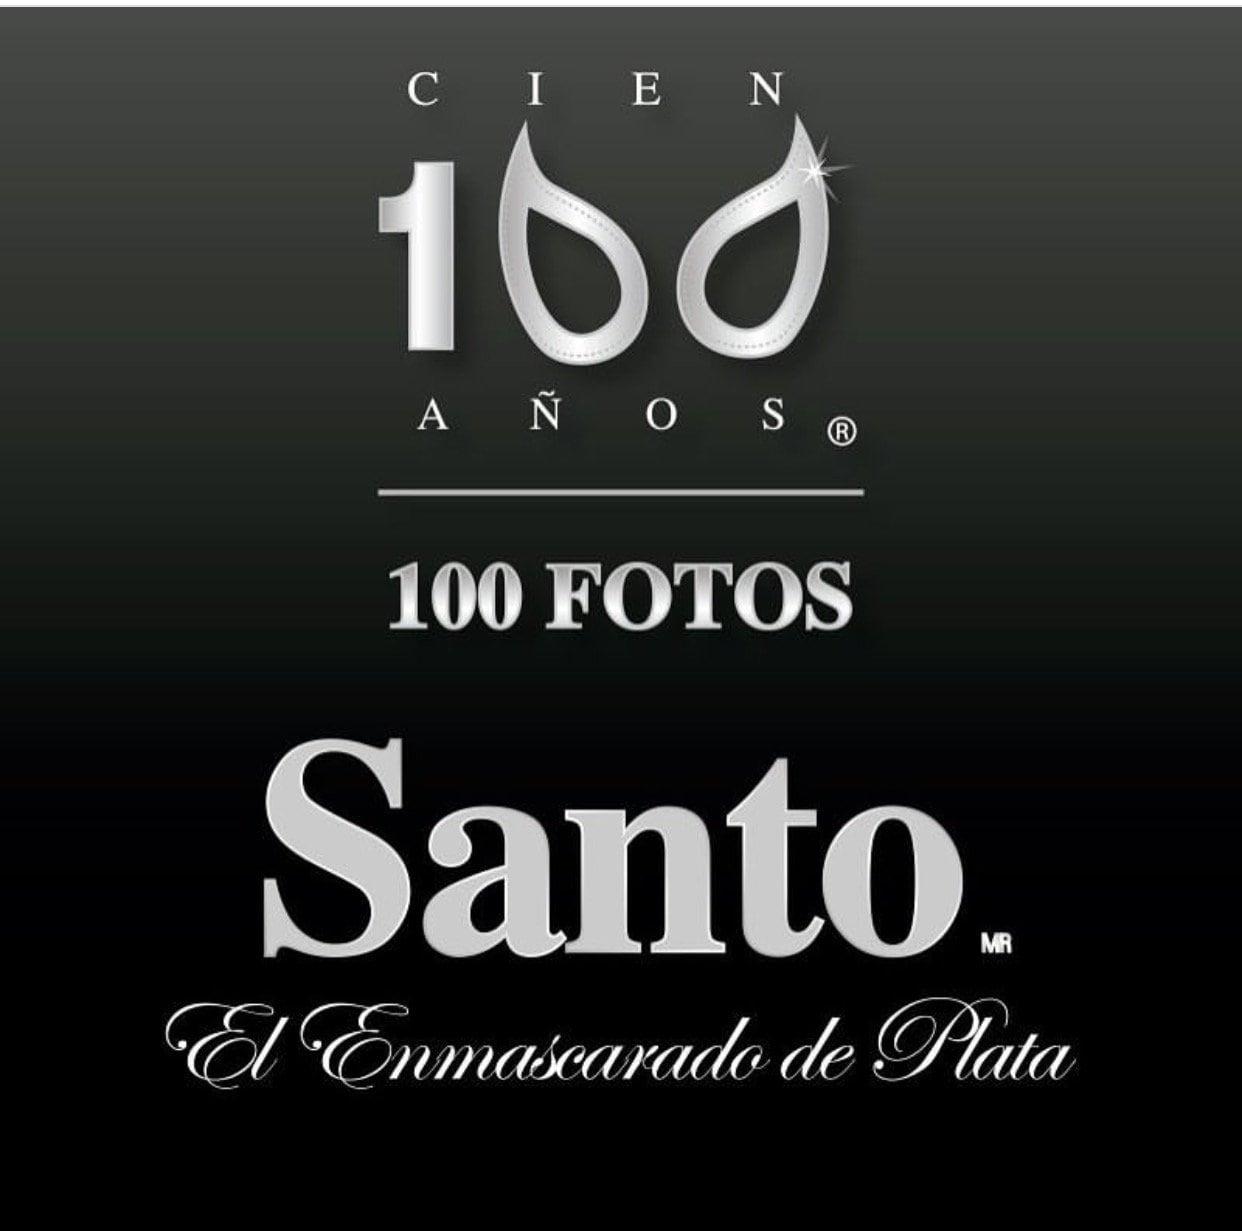 100 años 100 fotos El Santo